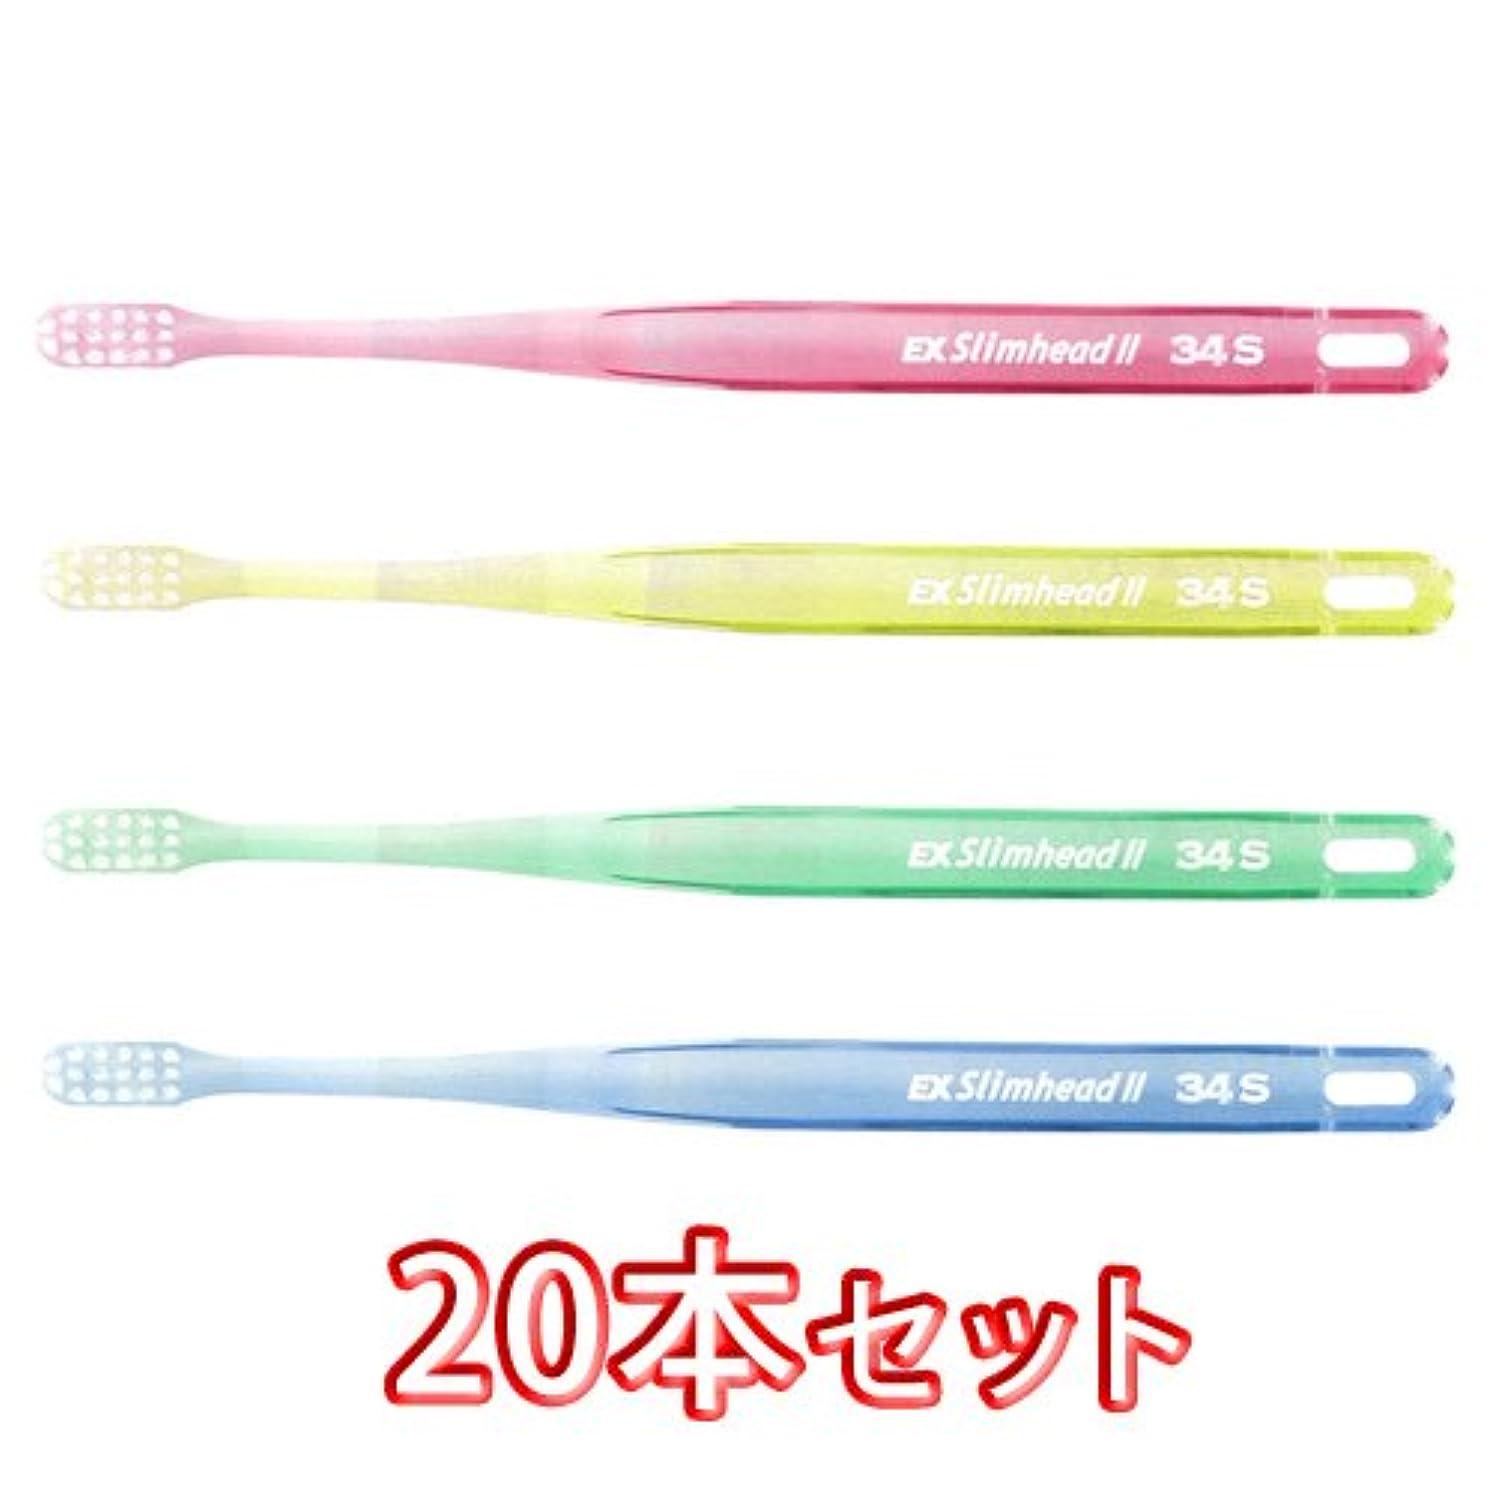 色インポート胃ライオン スリムヘッド2 歯ブラシ DENT . EX Slimhead2 20本入 (34S)